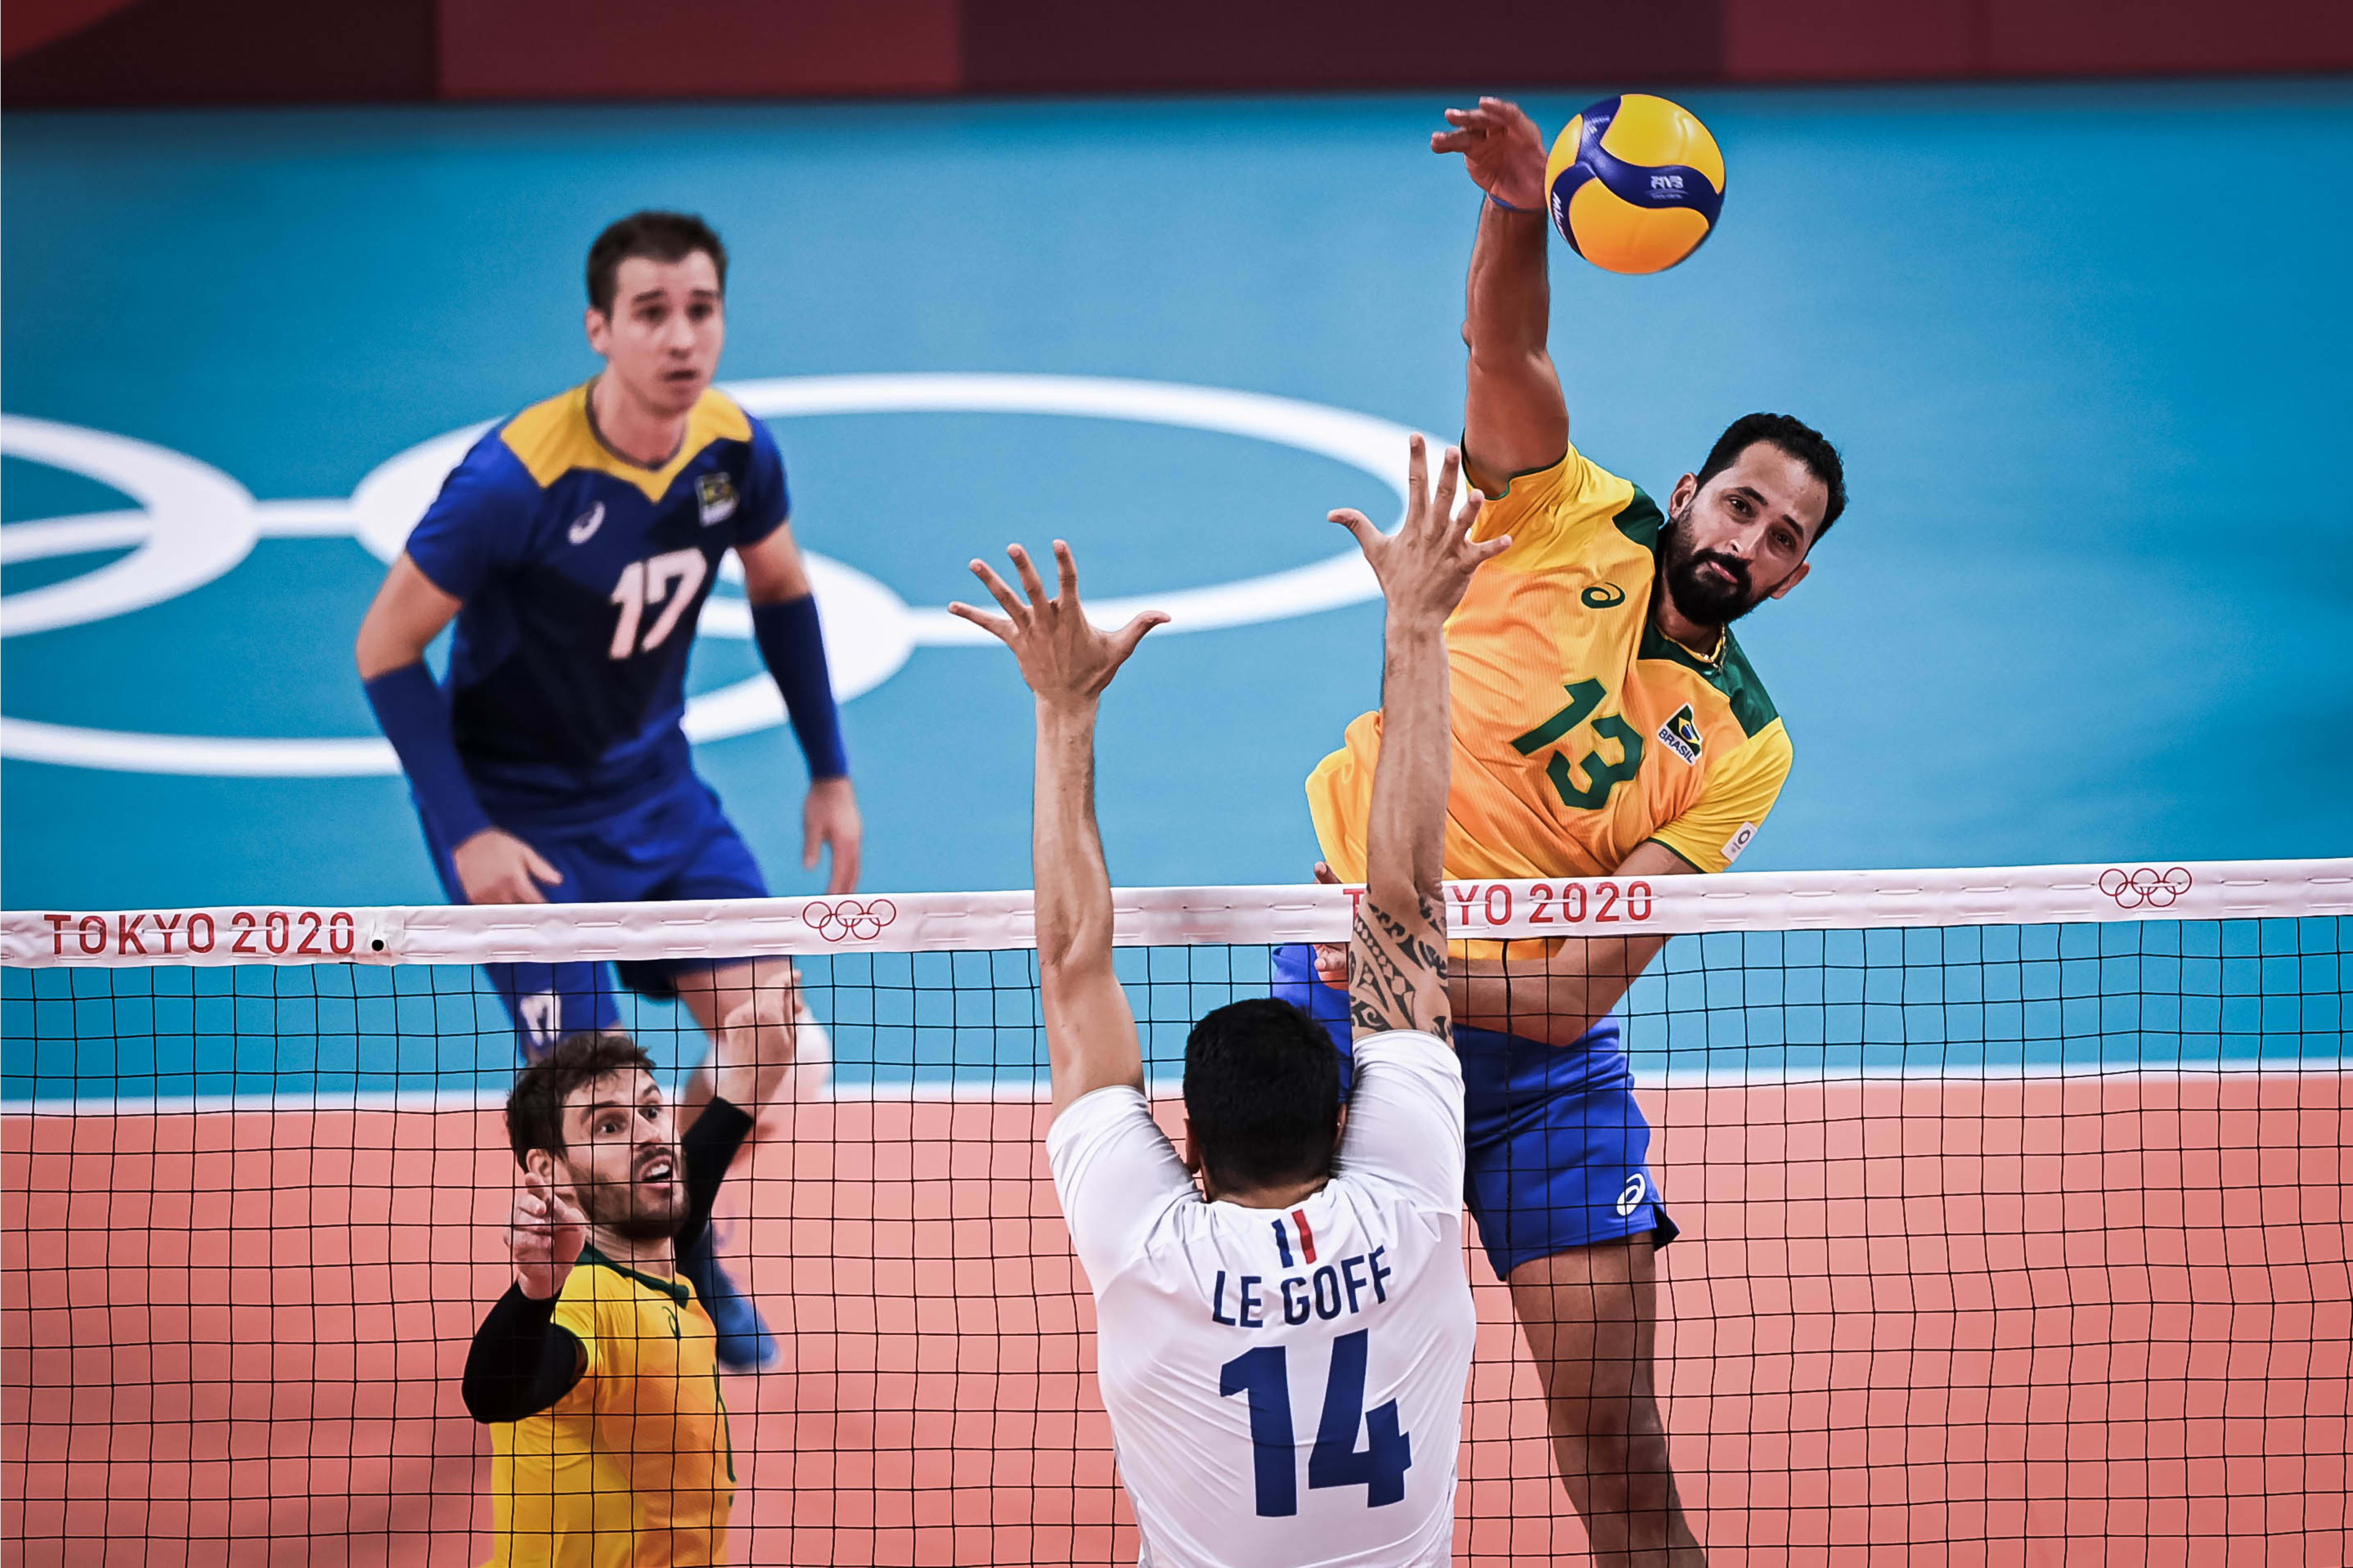 Maurício Souza somou sete pontos no jogo contra a França (Foto: Divulgação/FIVB)